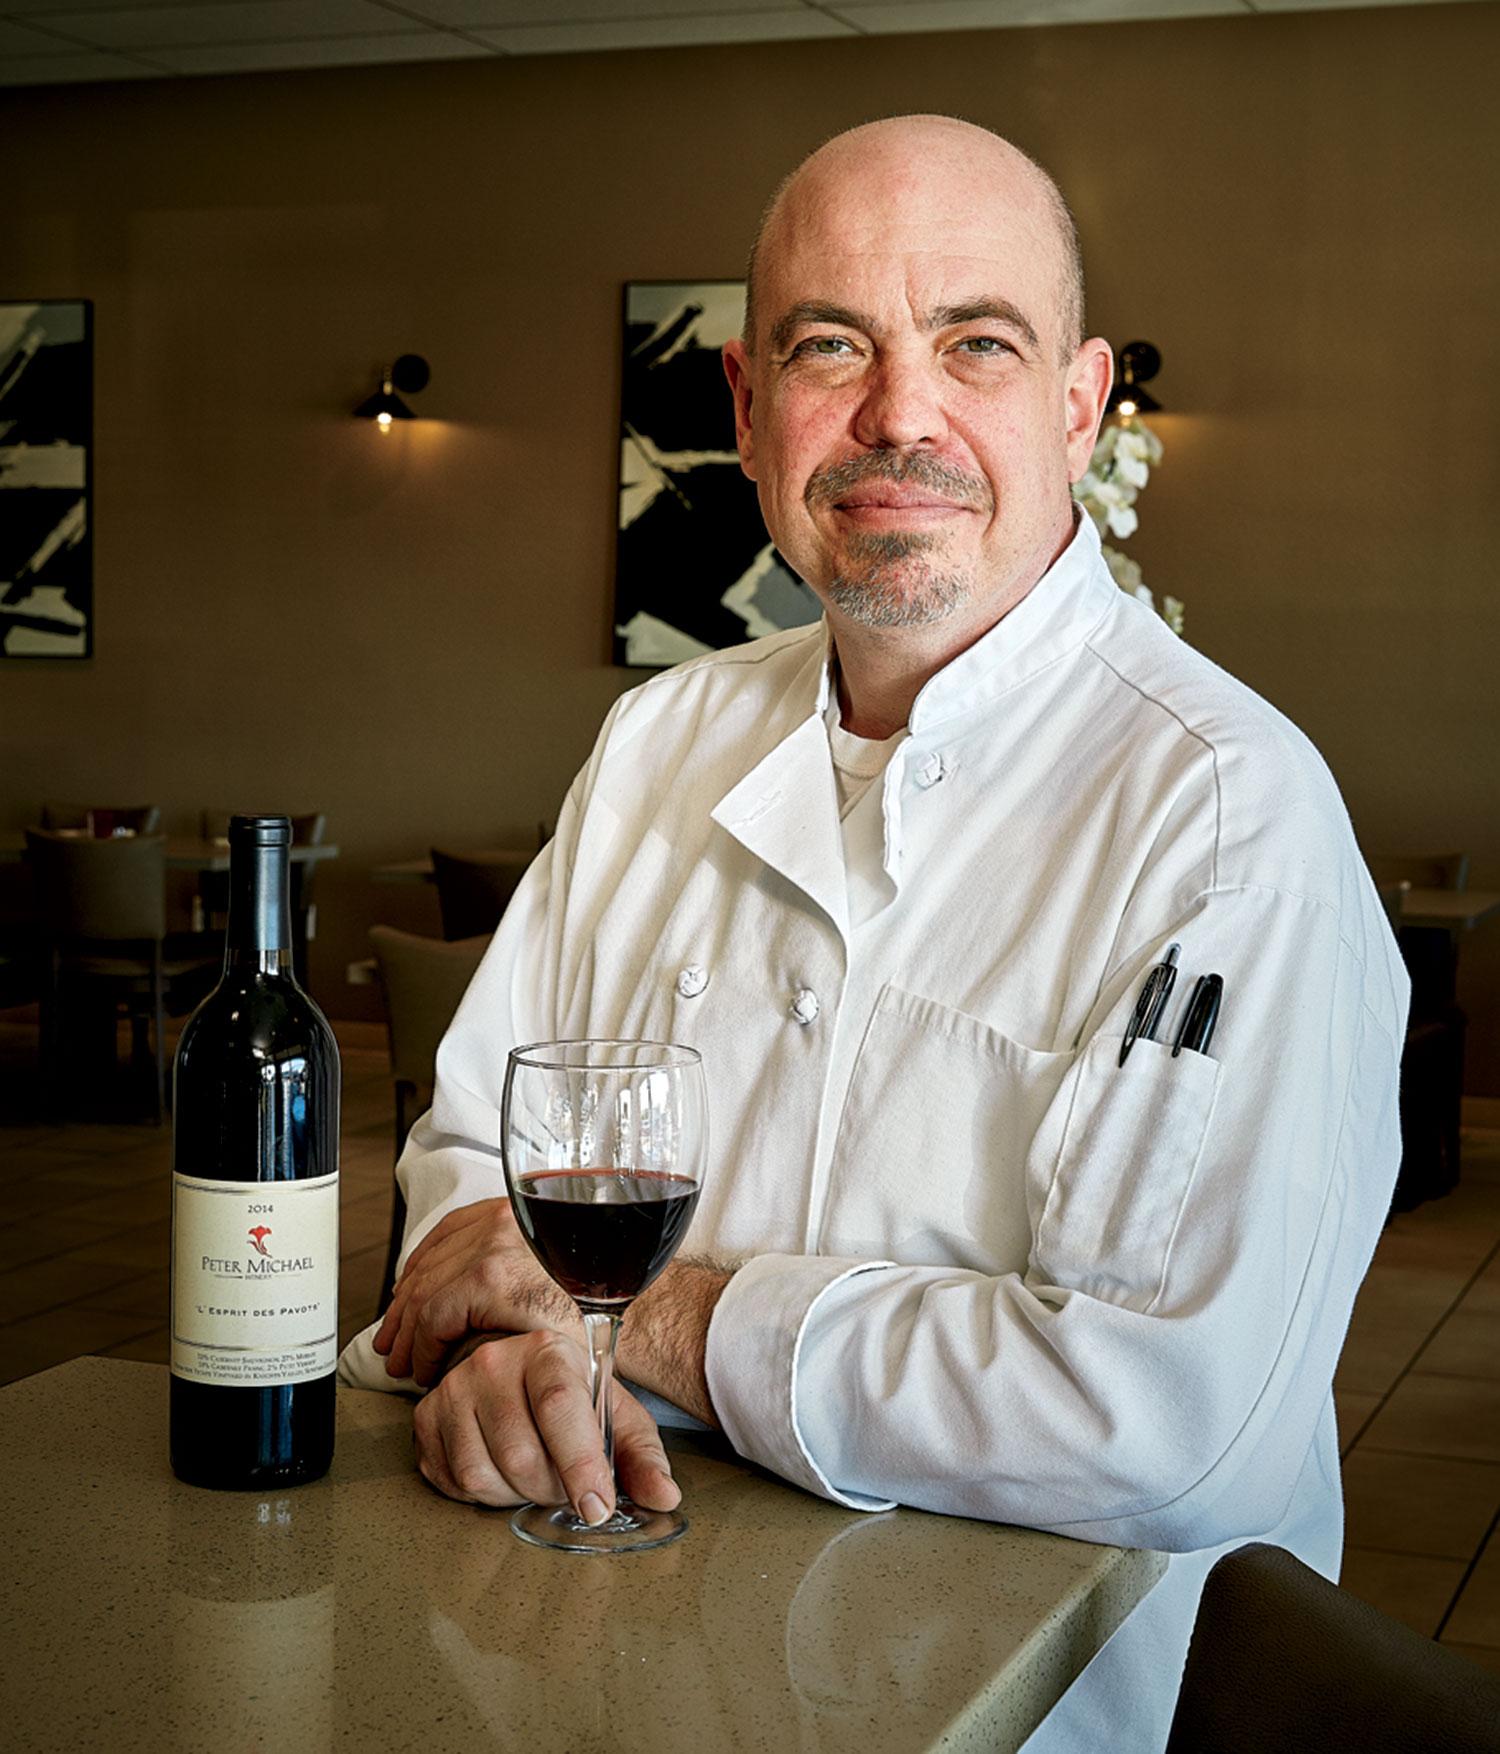 Chef John Bossmann